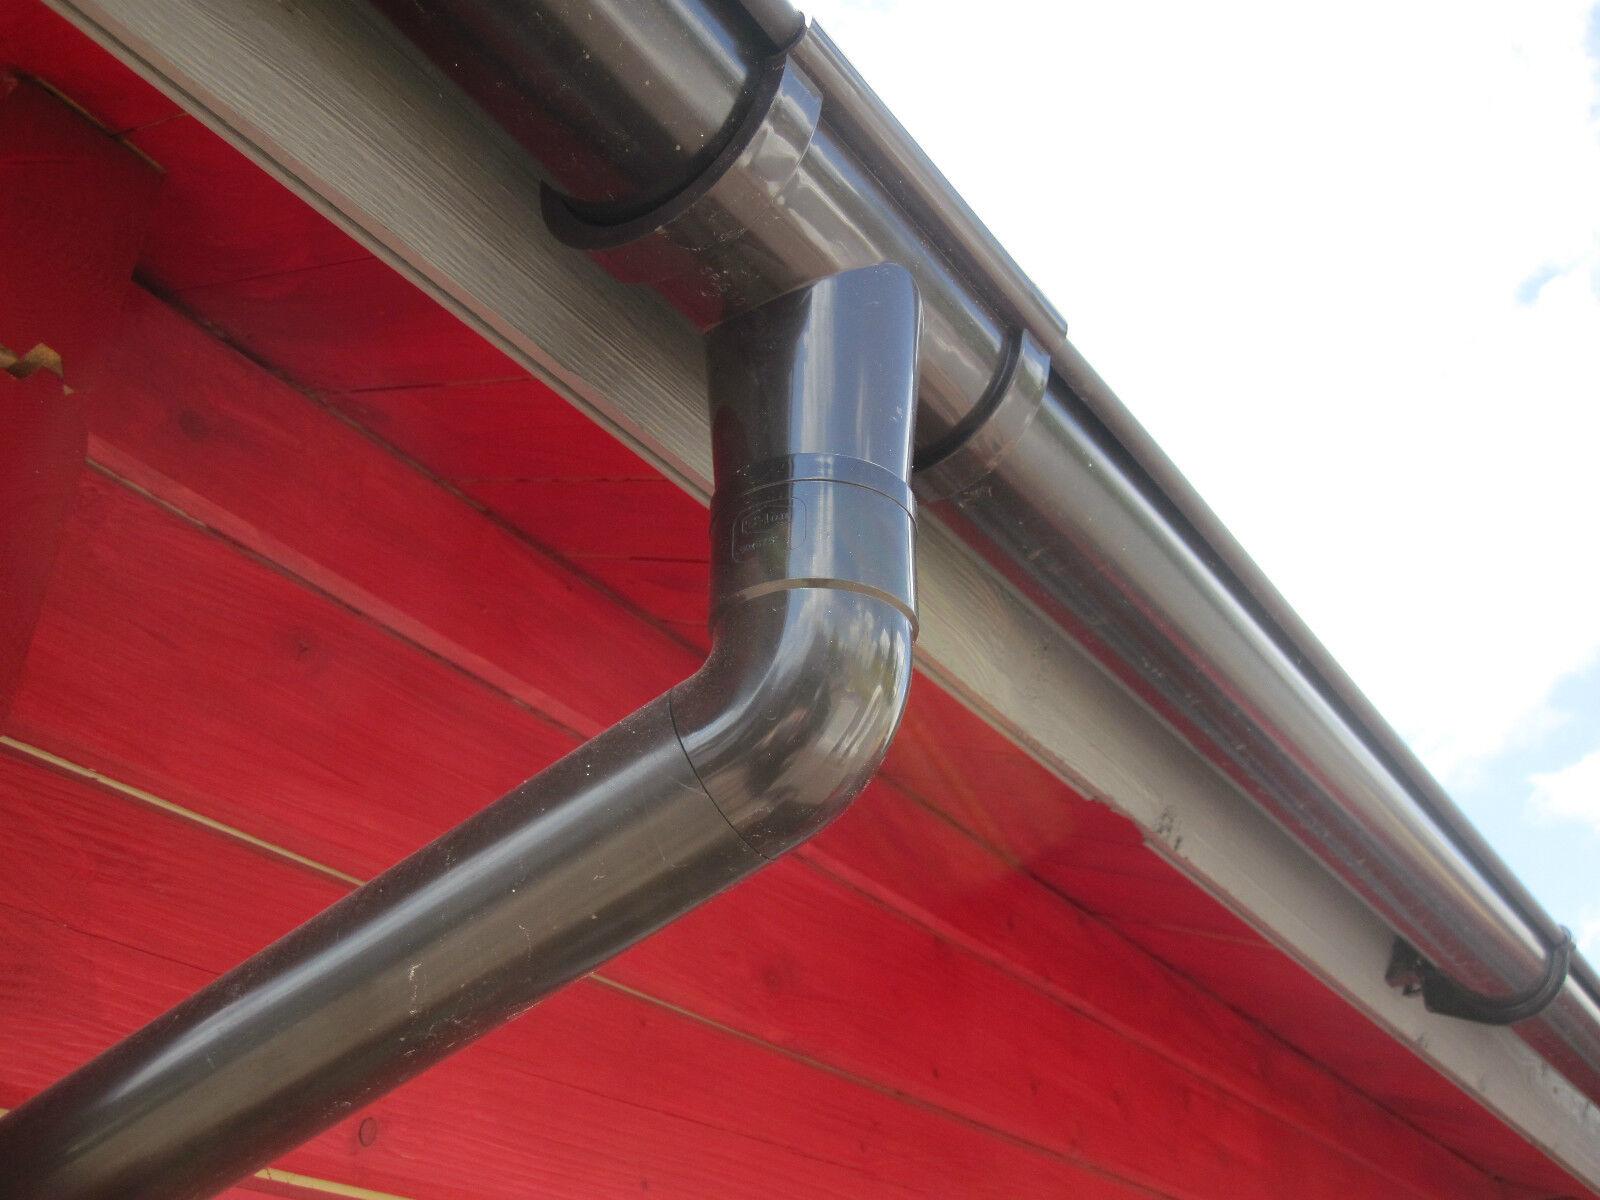 regenrinne für gartenhaus dachrinne für 2-seitige dachlänge 500 cm